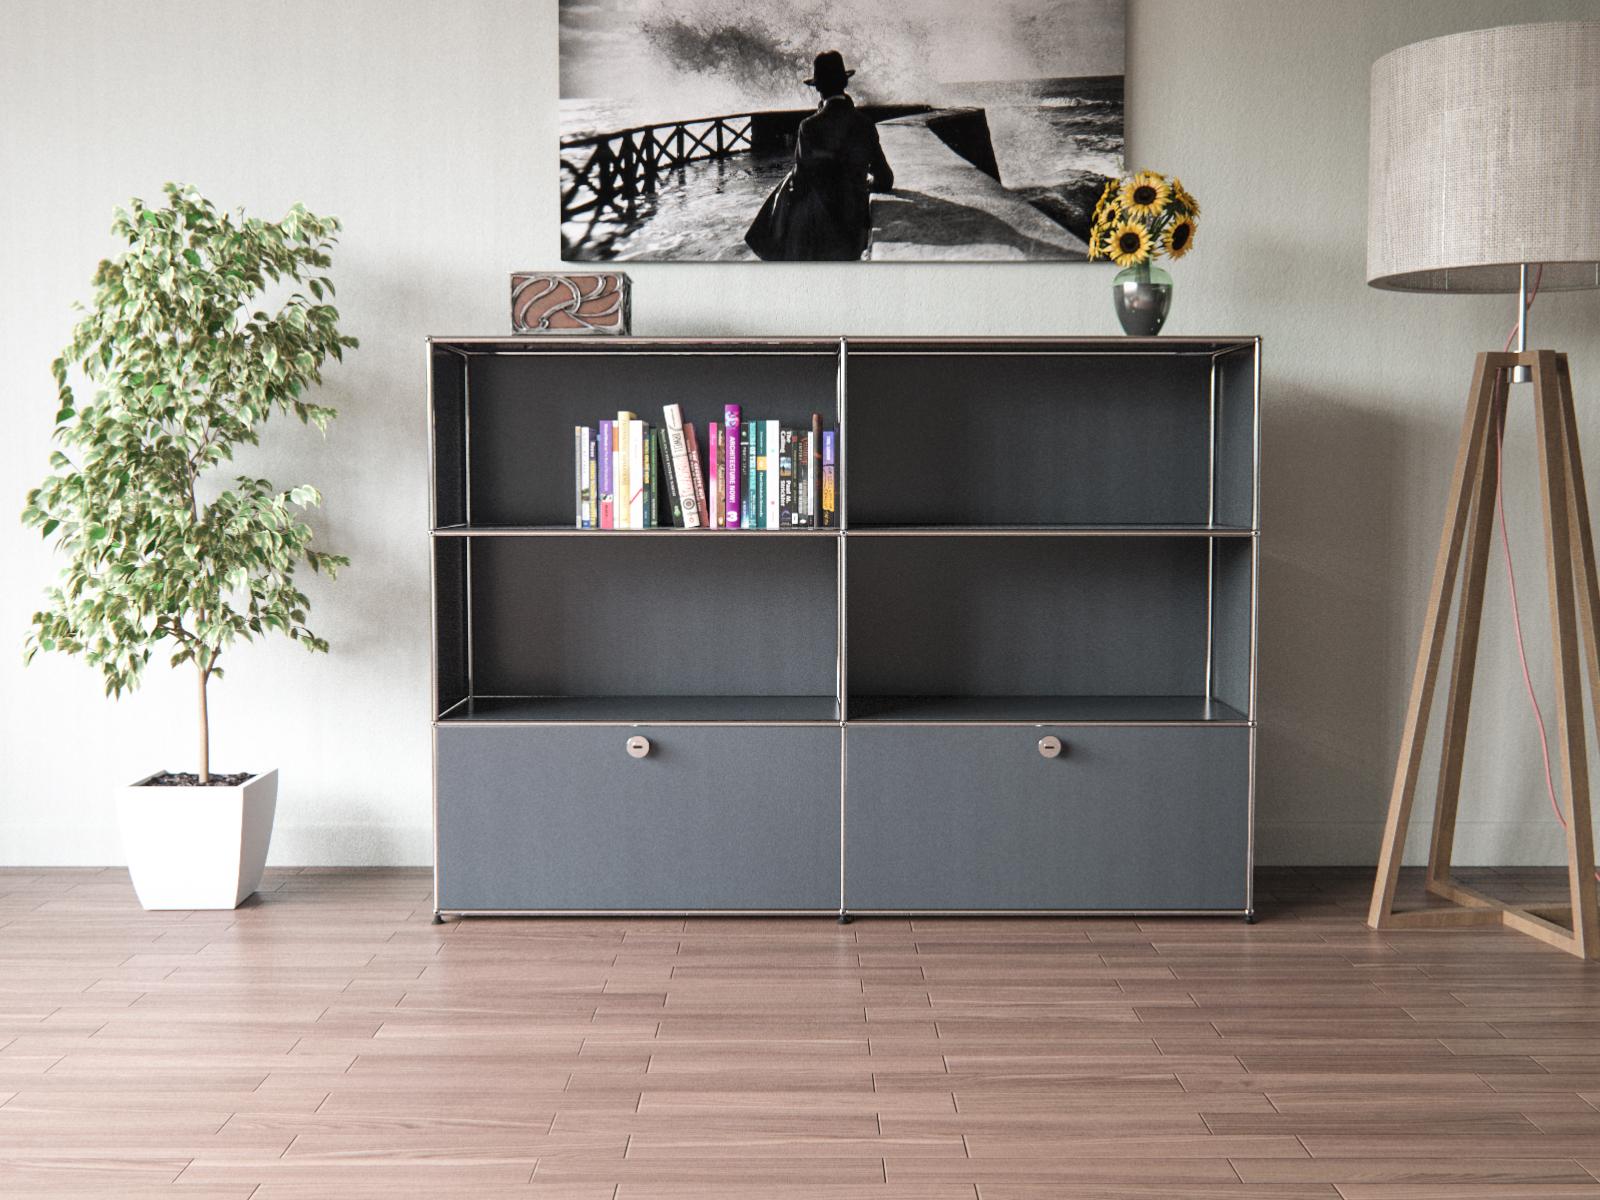 erfahrungen bewertungen zu usm markt. Black Bedroom Furniture Sets. Home Design Ideas